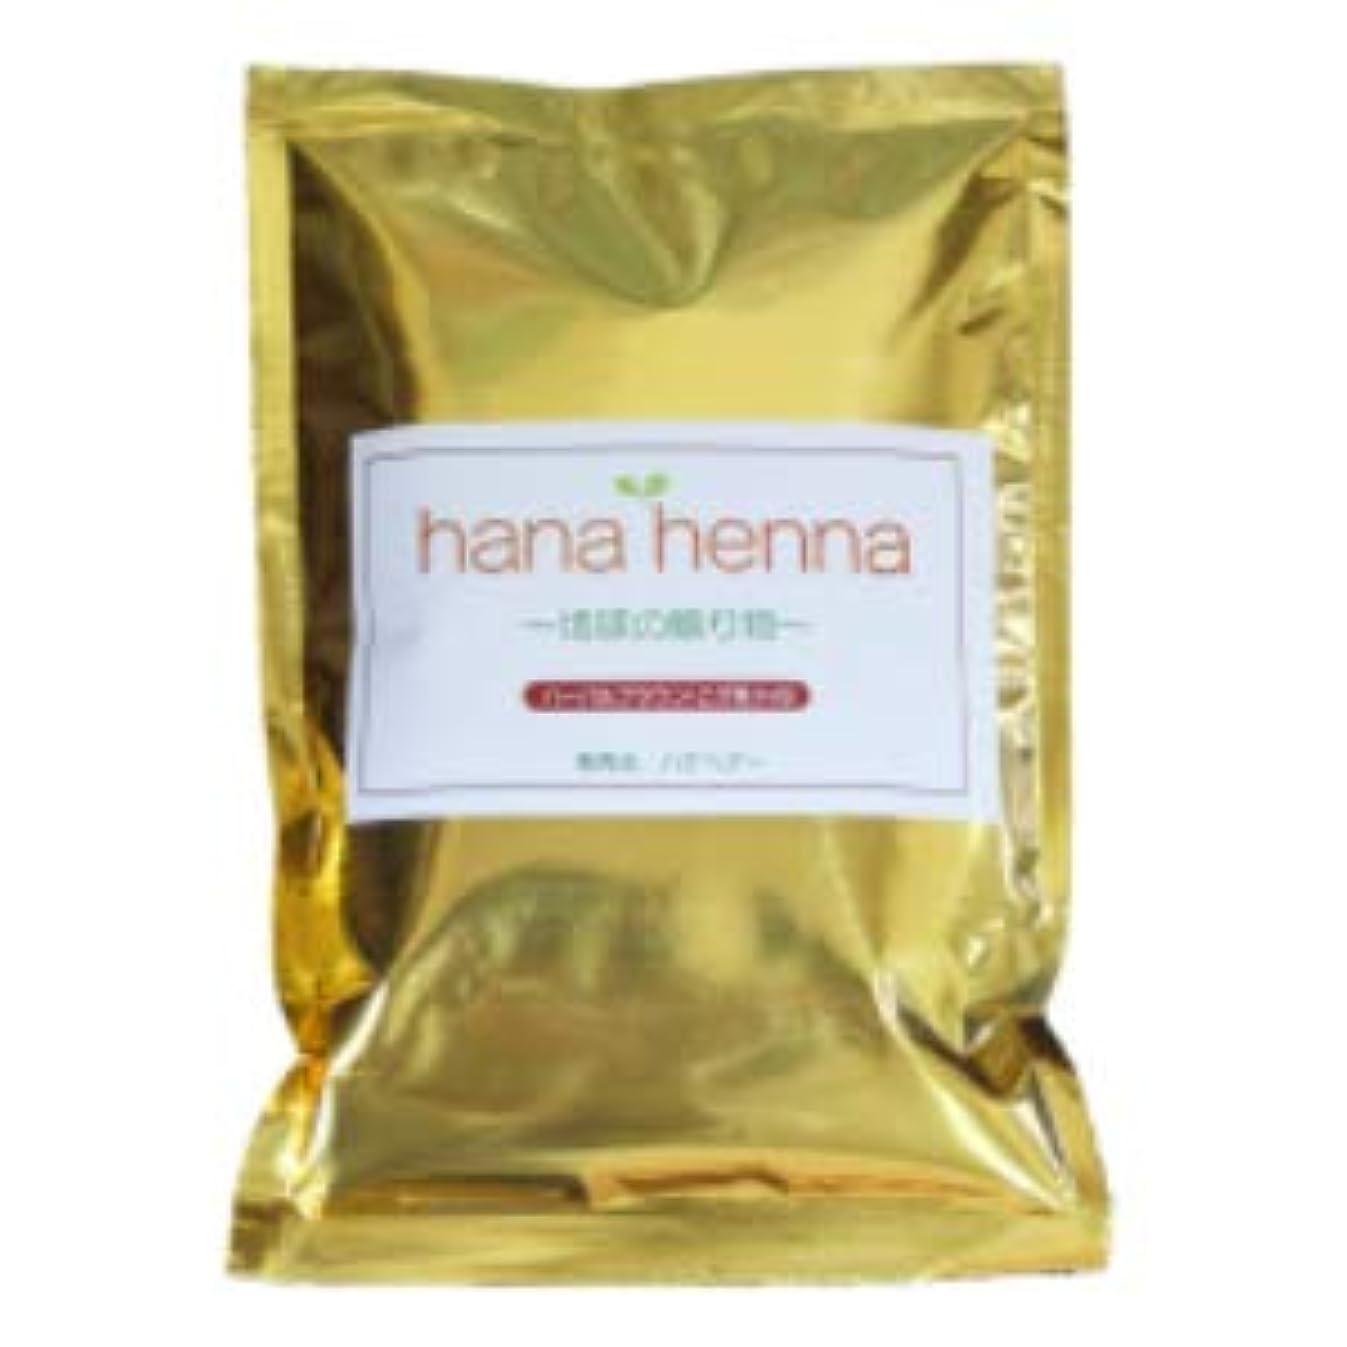 保存移行するハッチ?hana henna?ハナヘナ ハーバルブラウン(こげ茶) (100g)